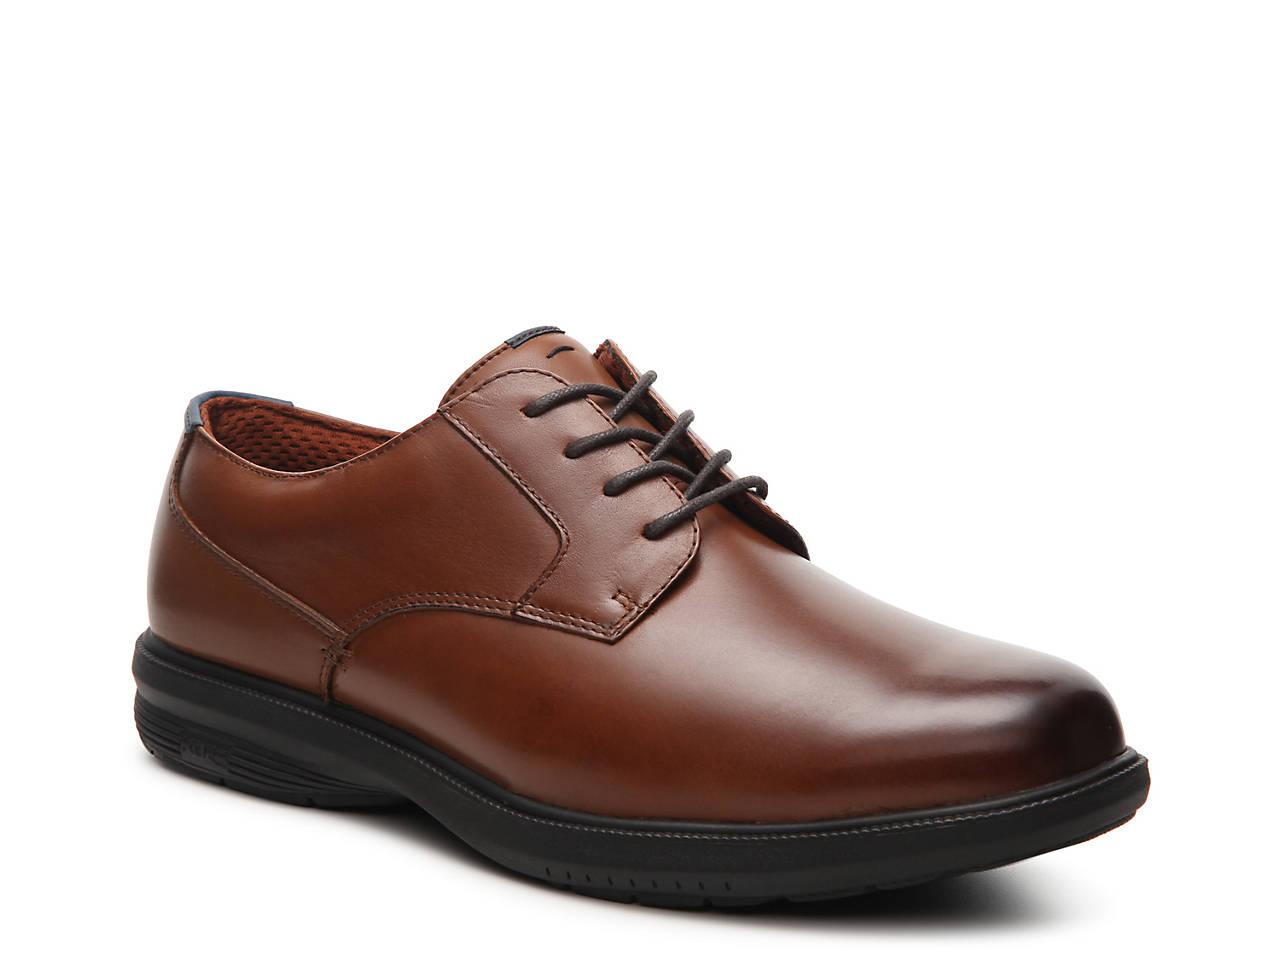 d93be588a0f Nunn Bush Marvin St. Oxford Men s Shoes